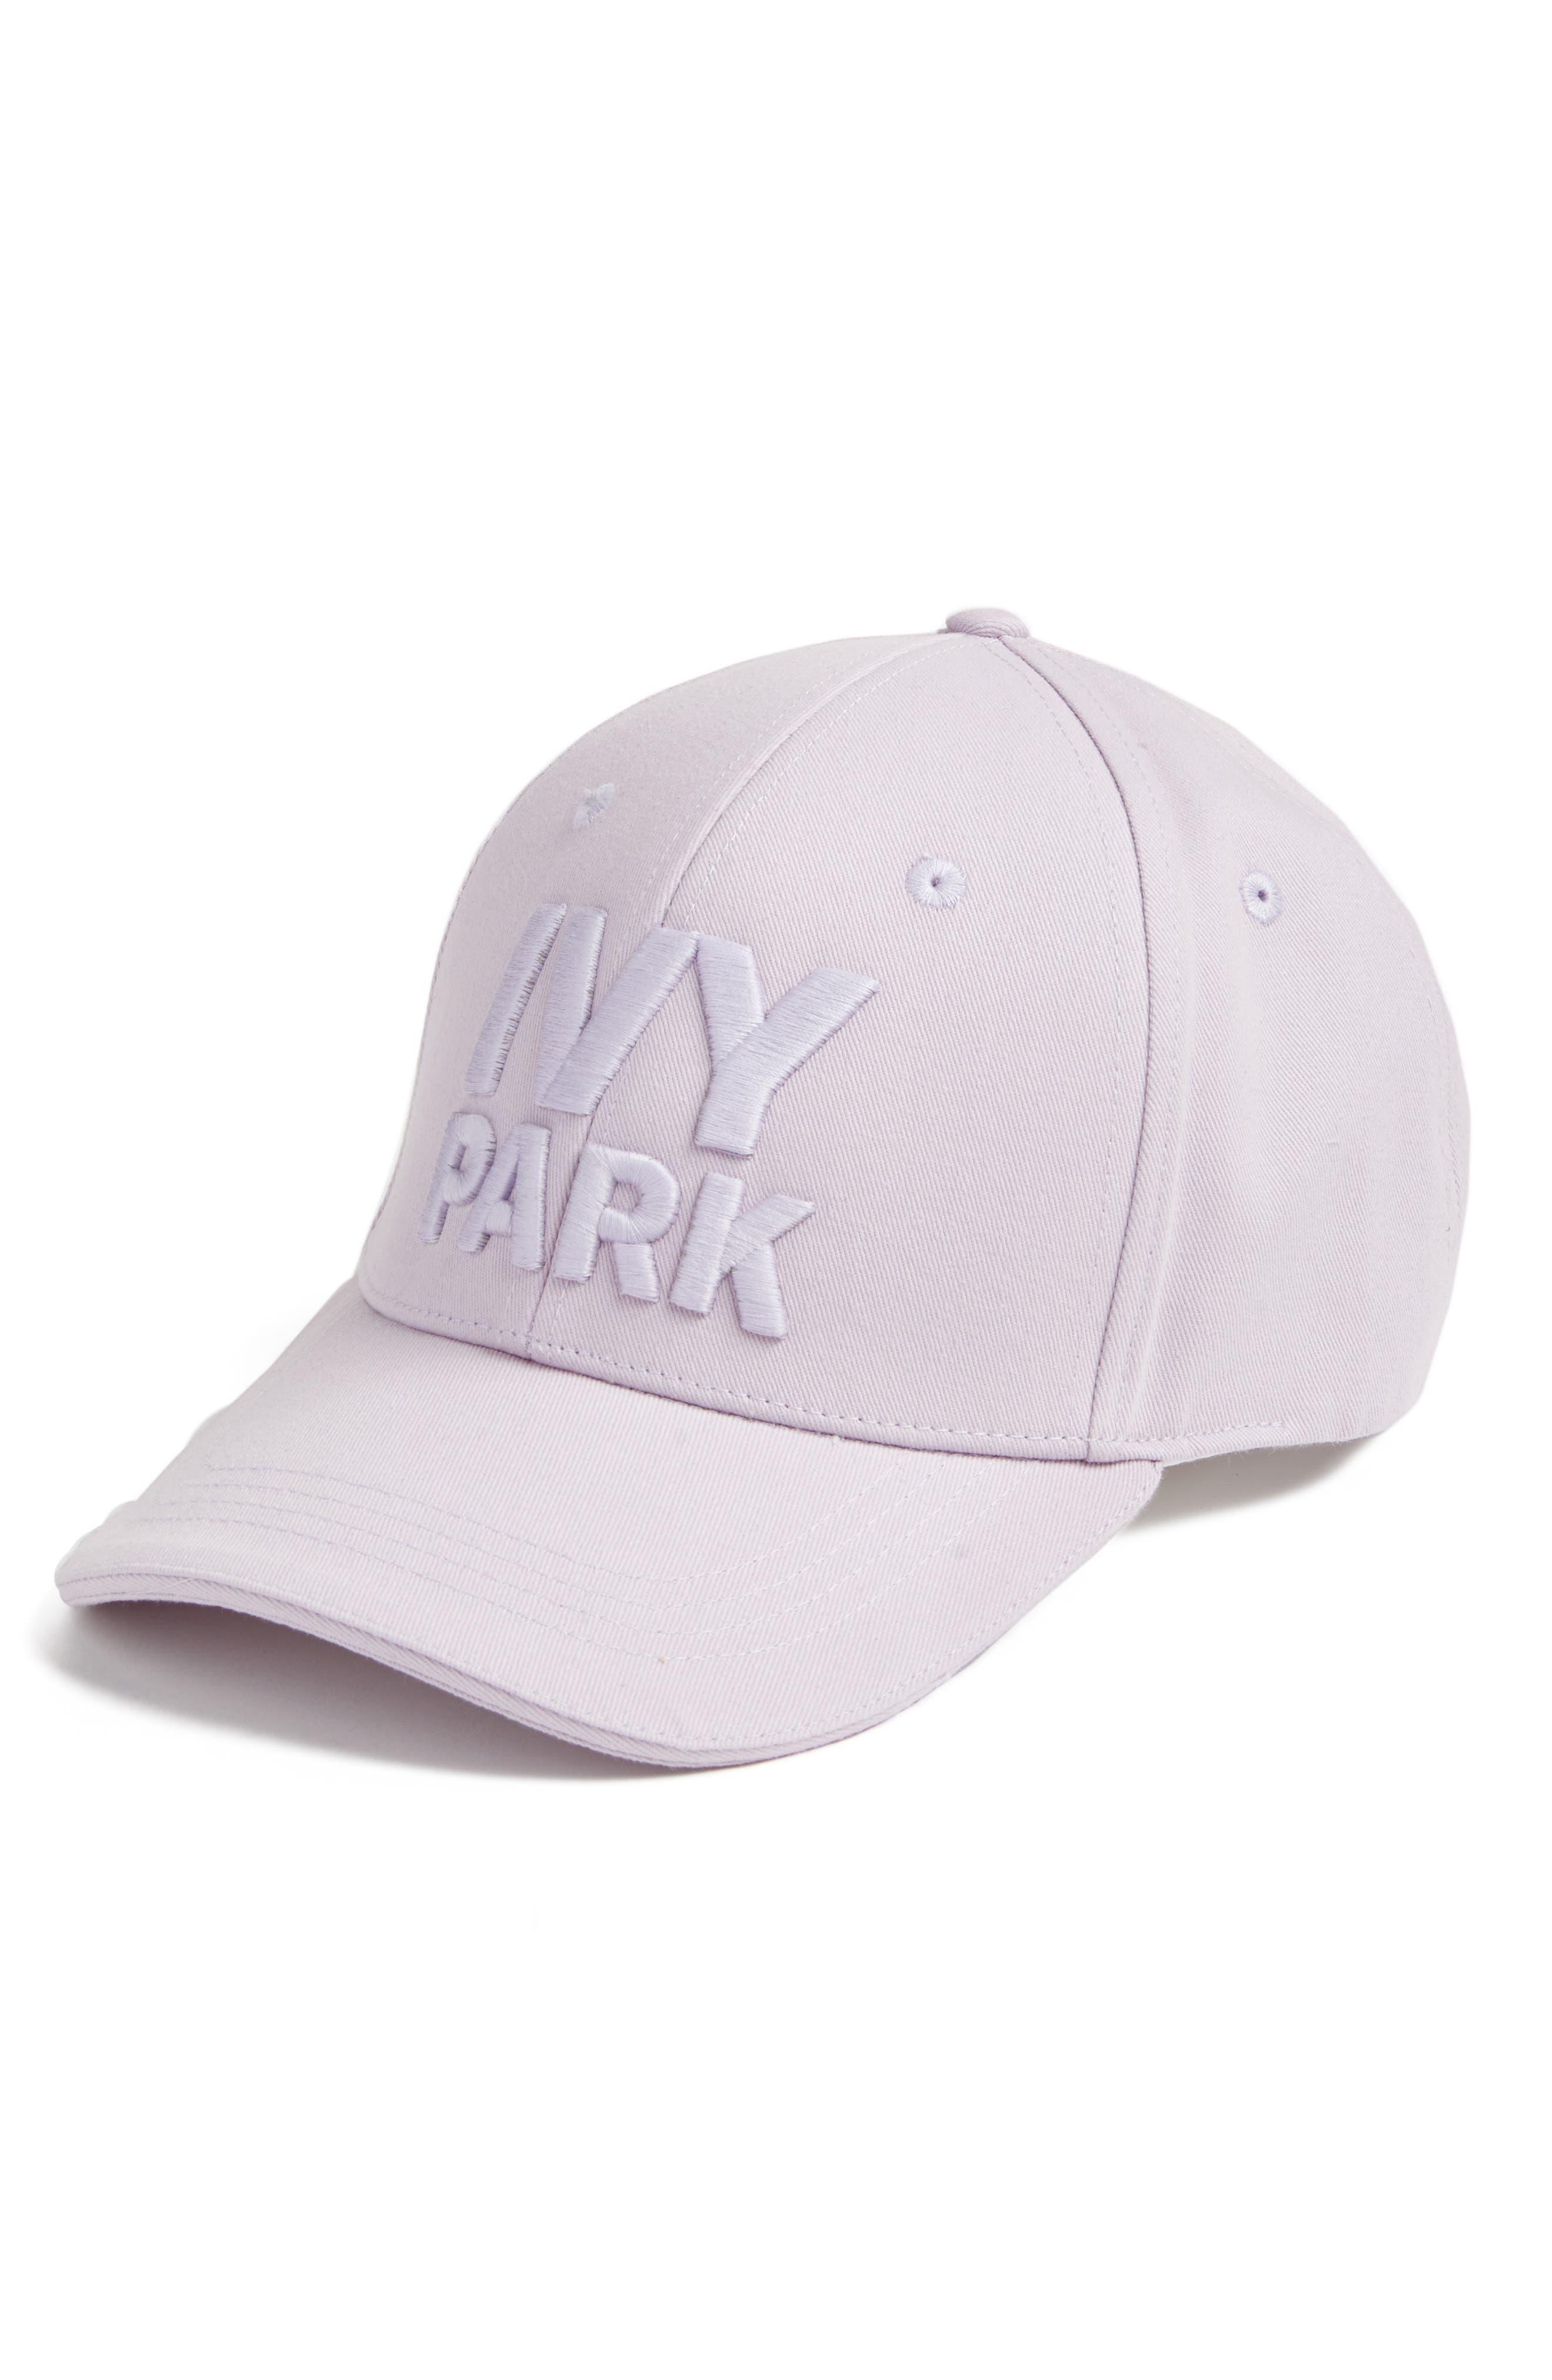 IVY PARK® Tonal Logo Baseball Cap